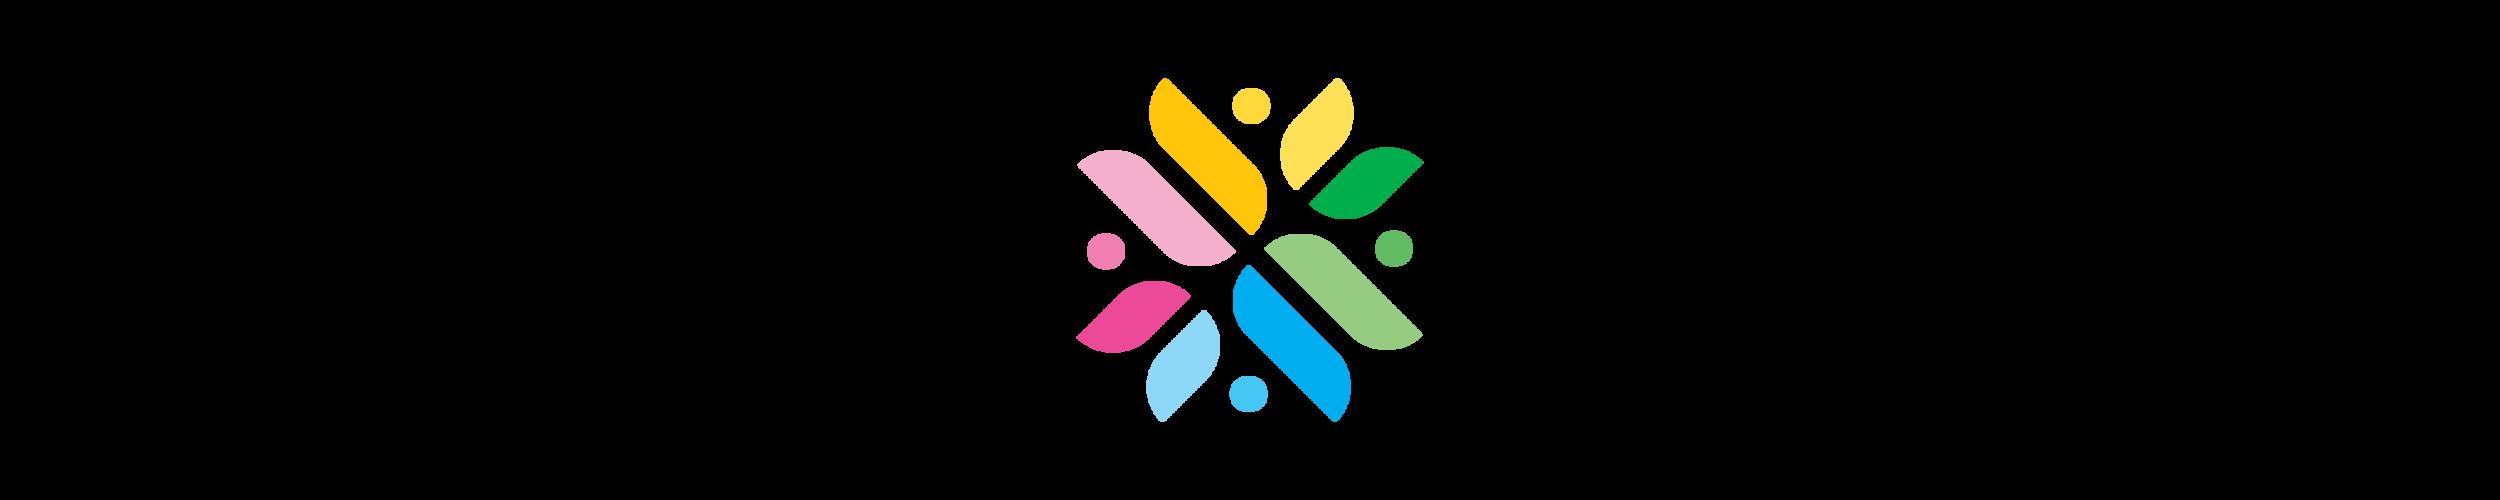 FFAF-logo-footer.png